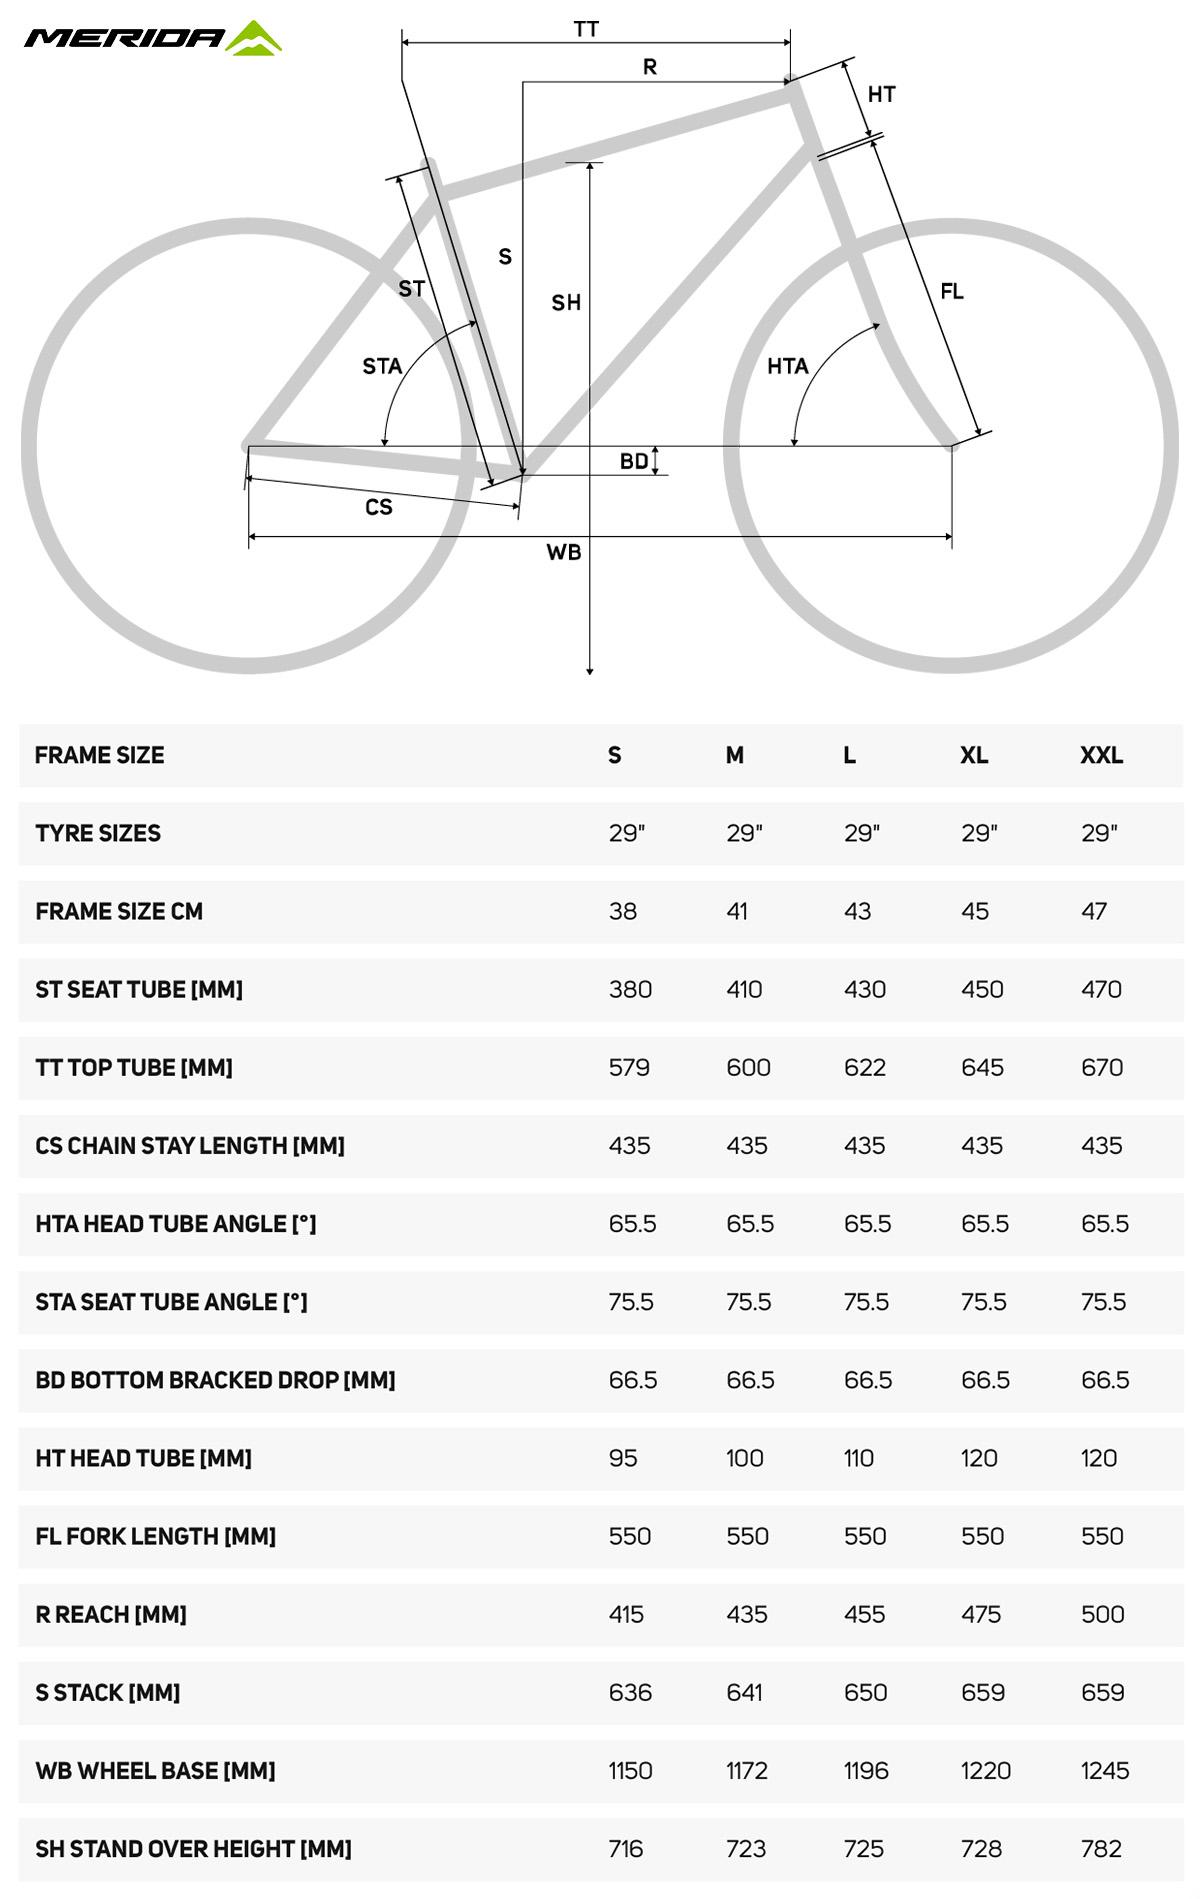 La tabella con le geometrie delle nuove mtb Merida Big Trail 2021